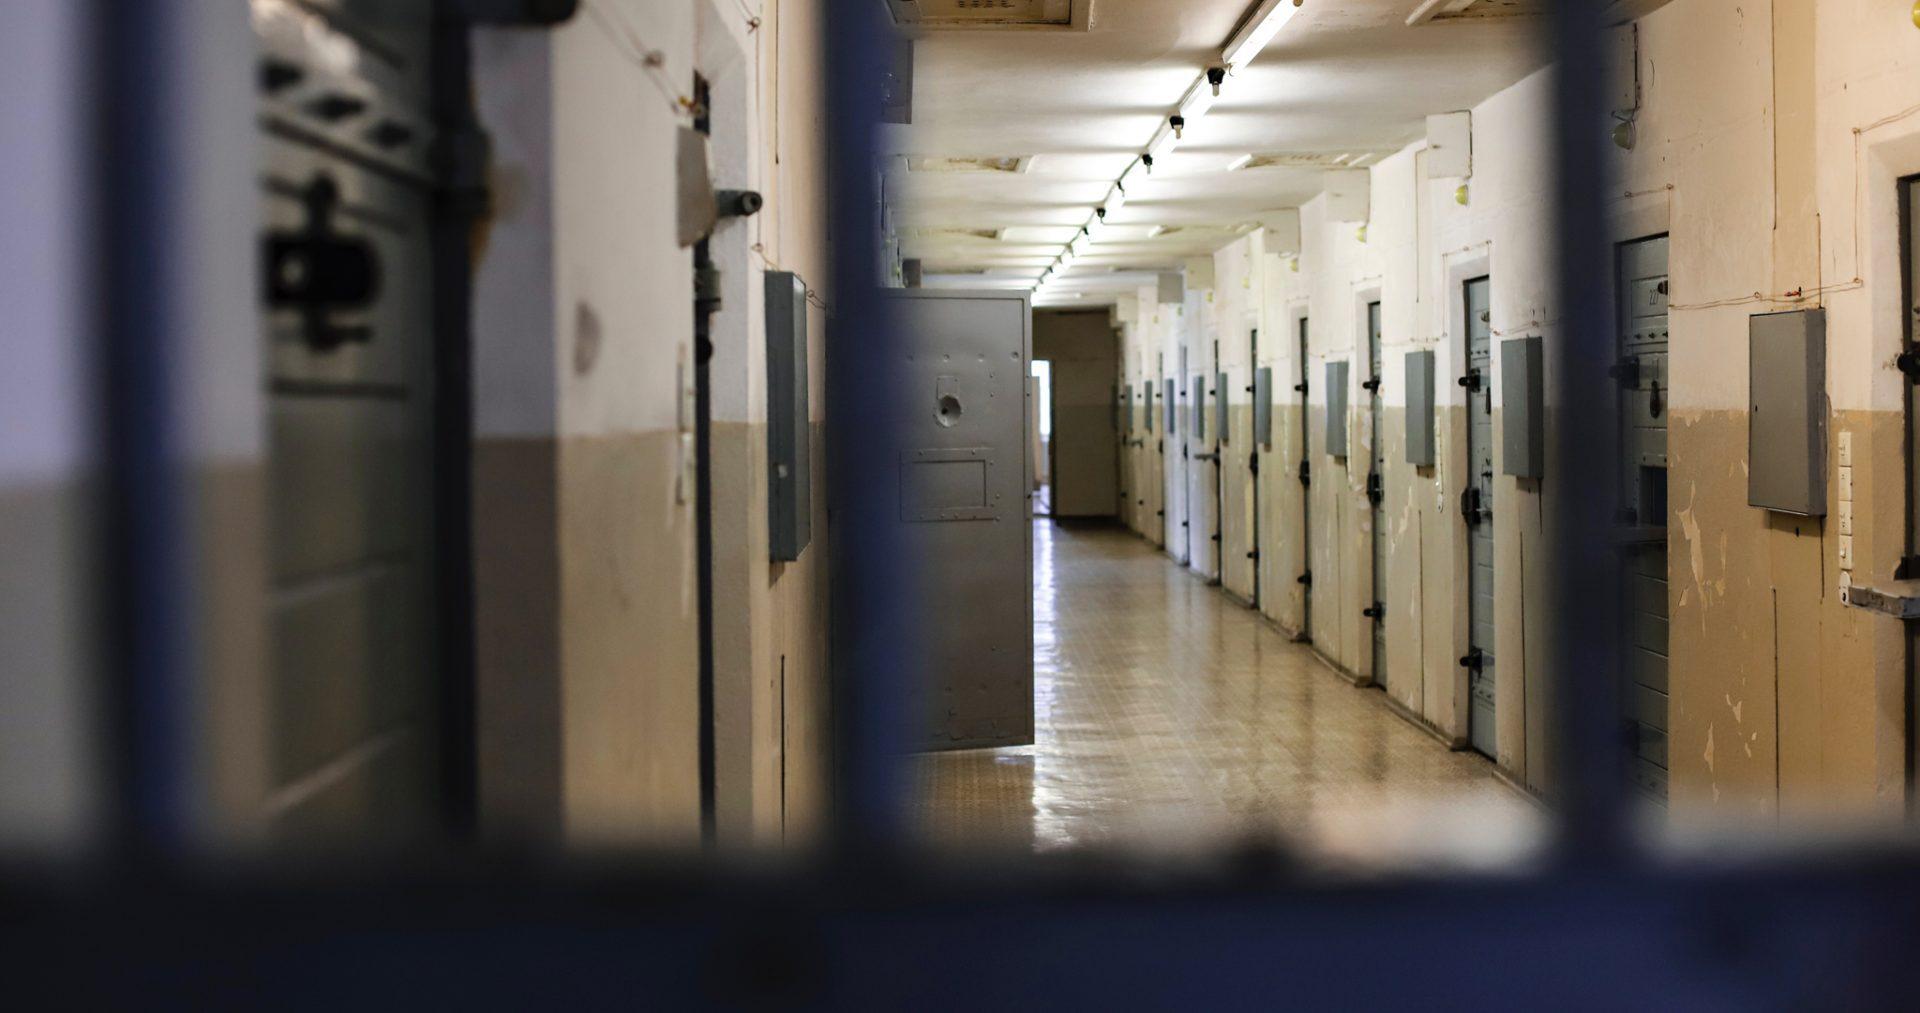 Dati e analisi sulla realtà carceraria - Openpolis